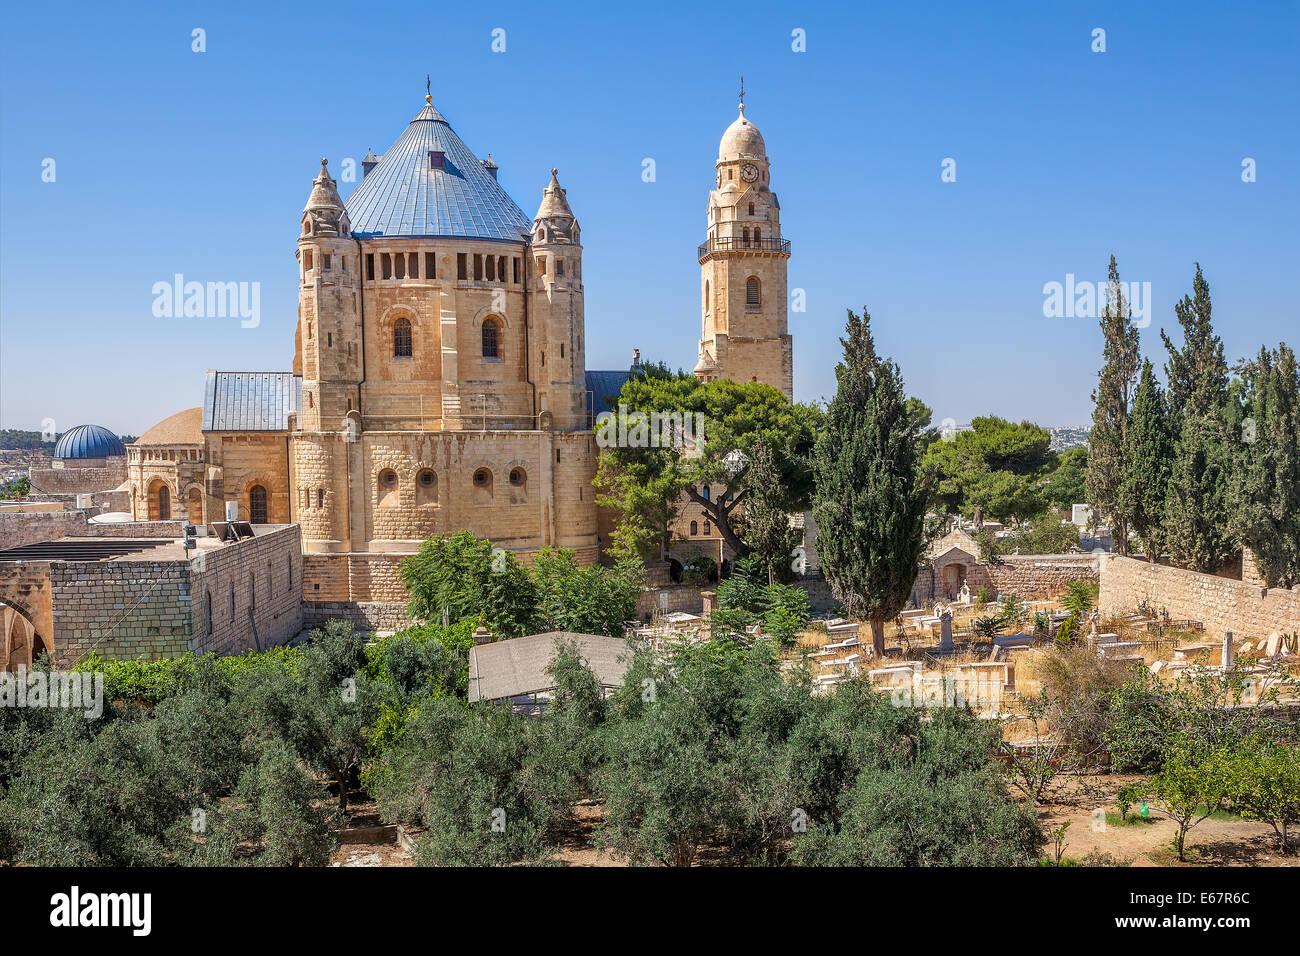 Abtei Dormitio und katholischen Friedhof in alte Stadt von Jerusalem, Israel. Stockbild